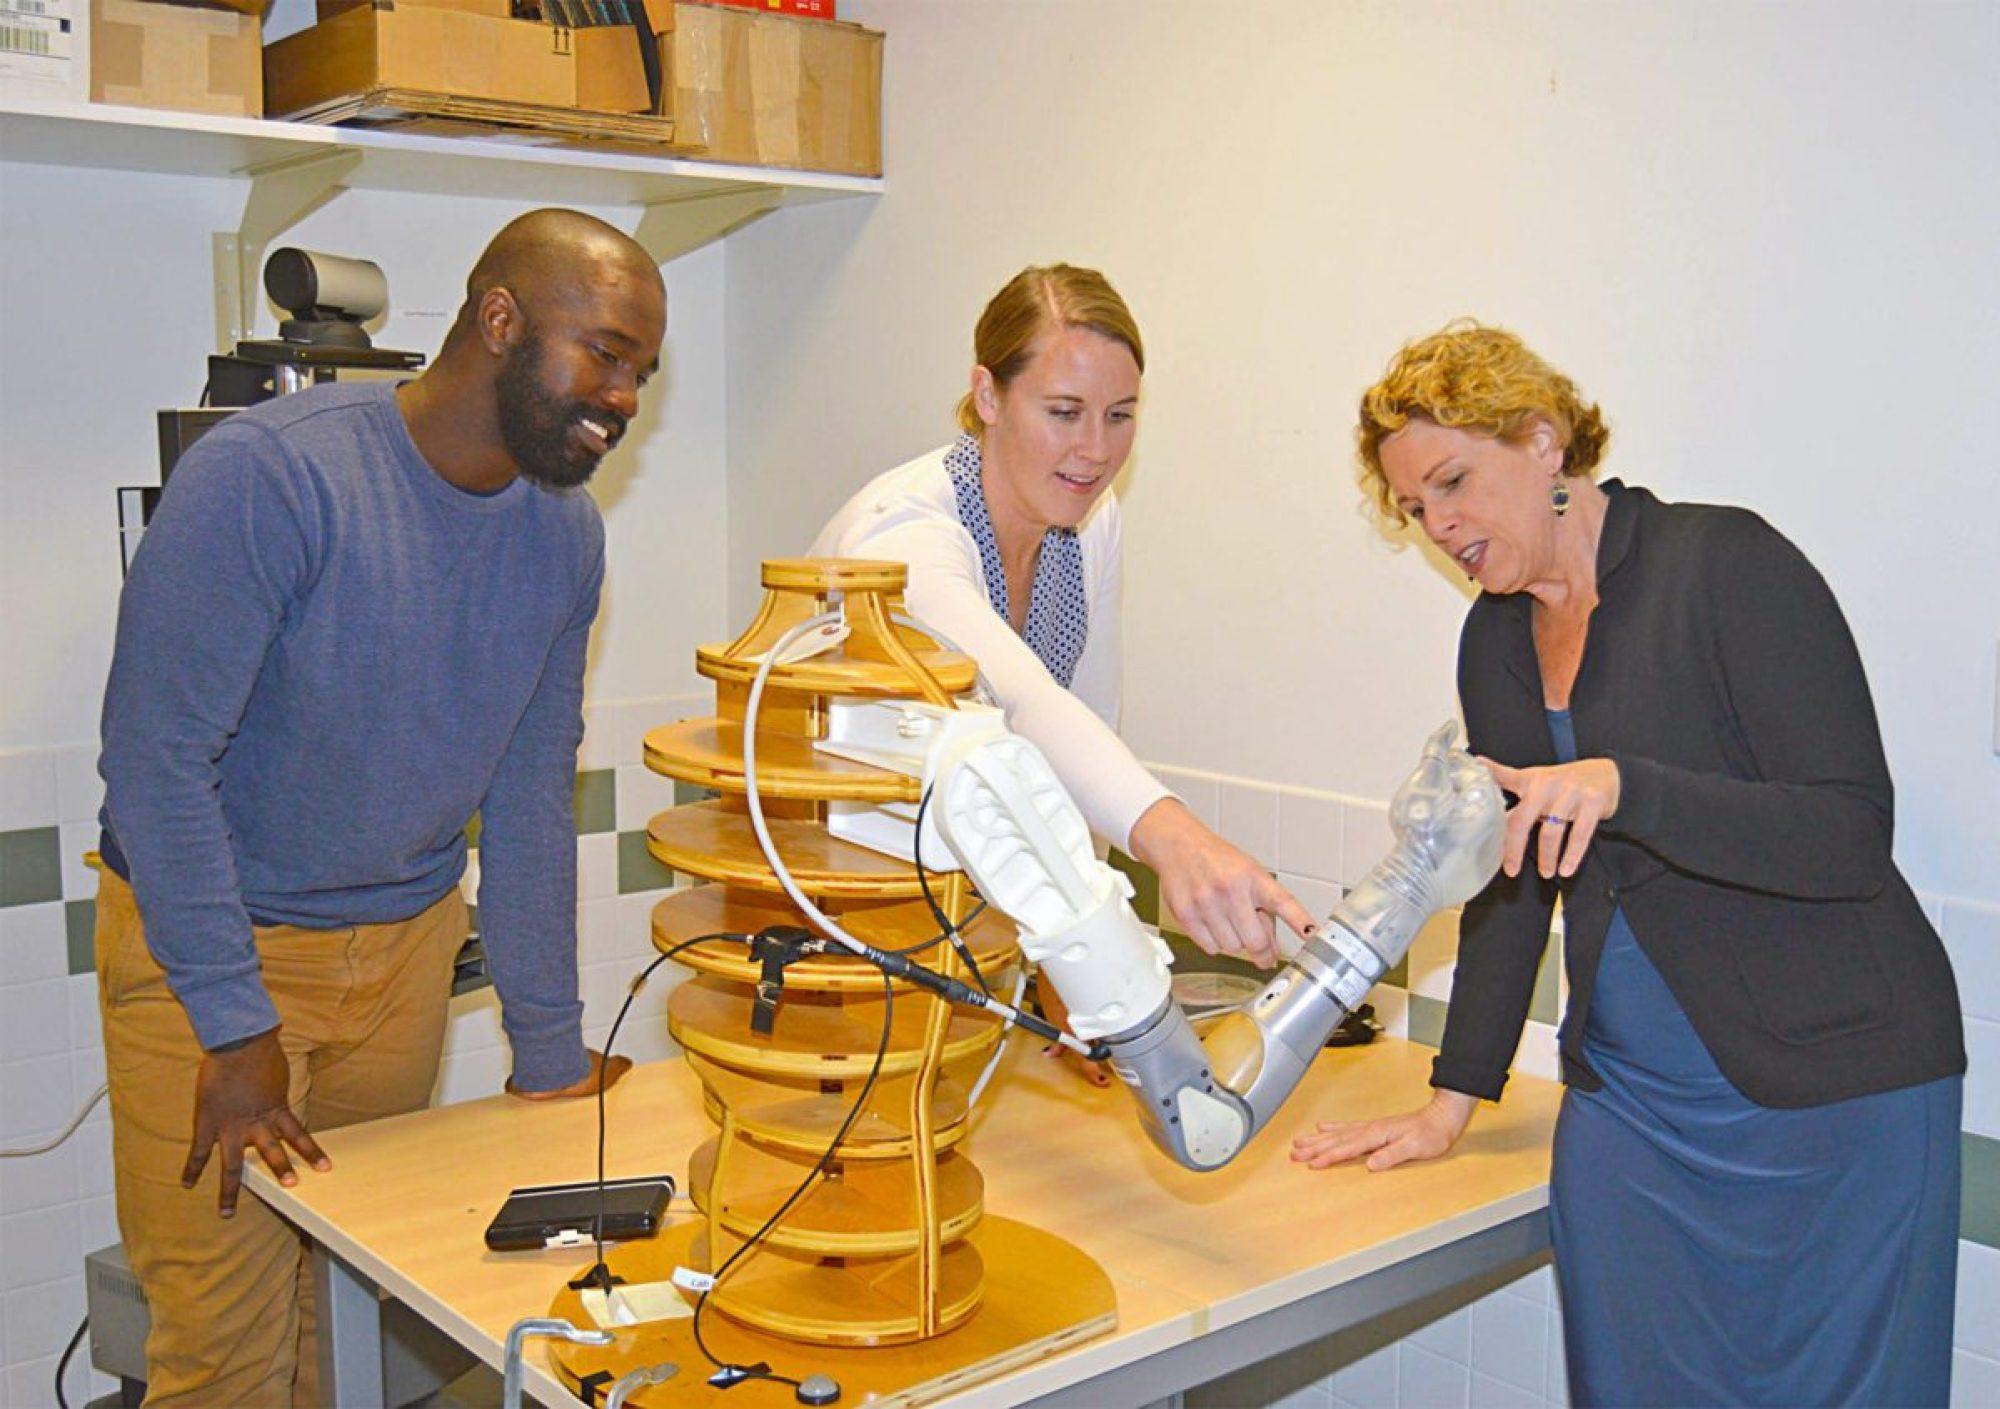 DEKA arm advanced upper-arm prosthesis